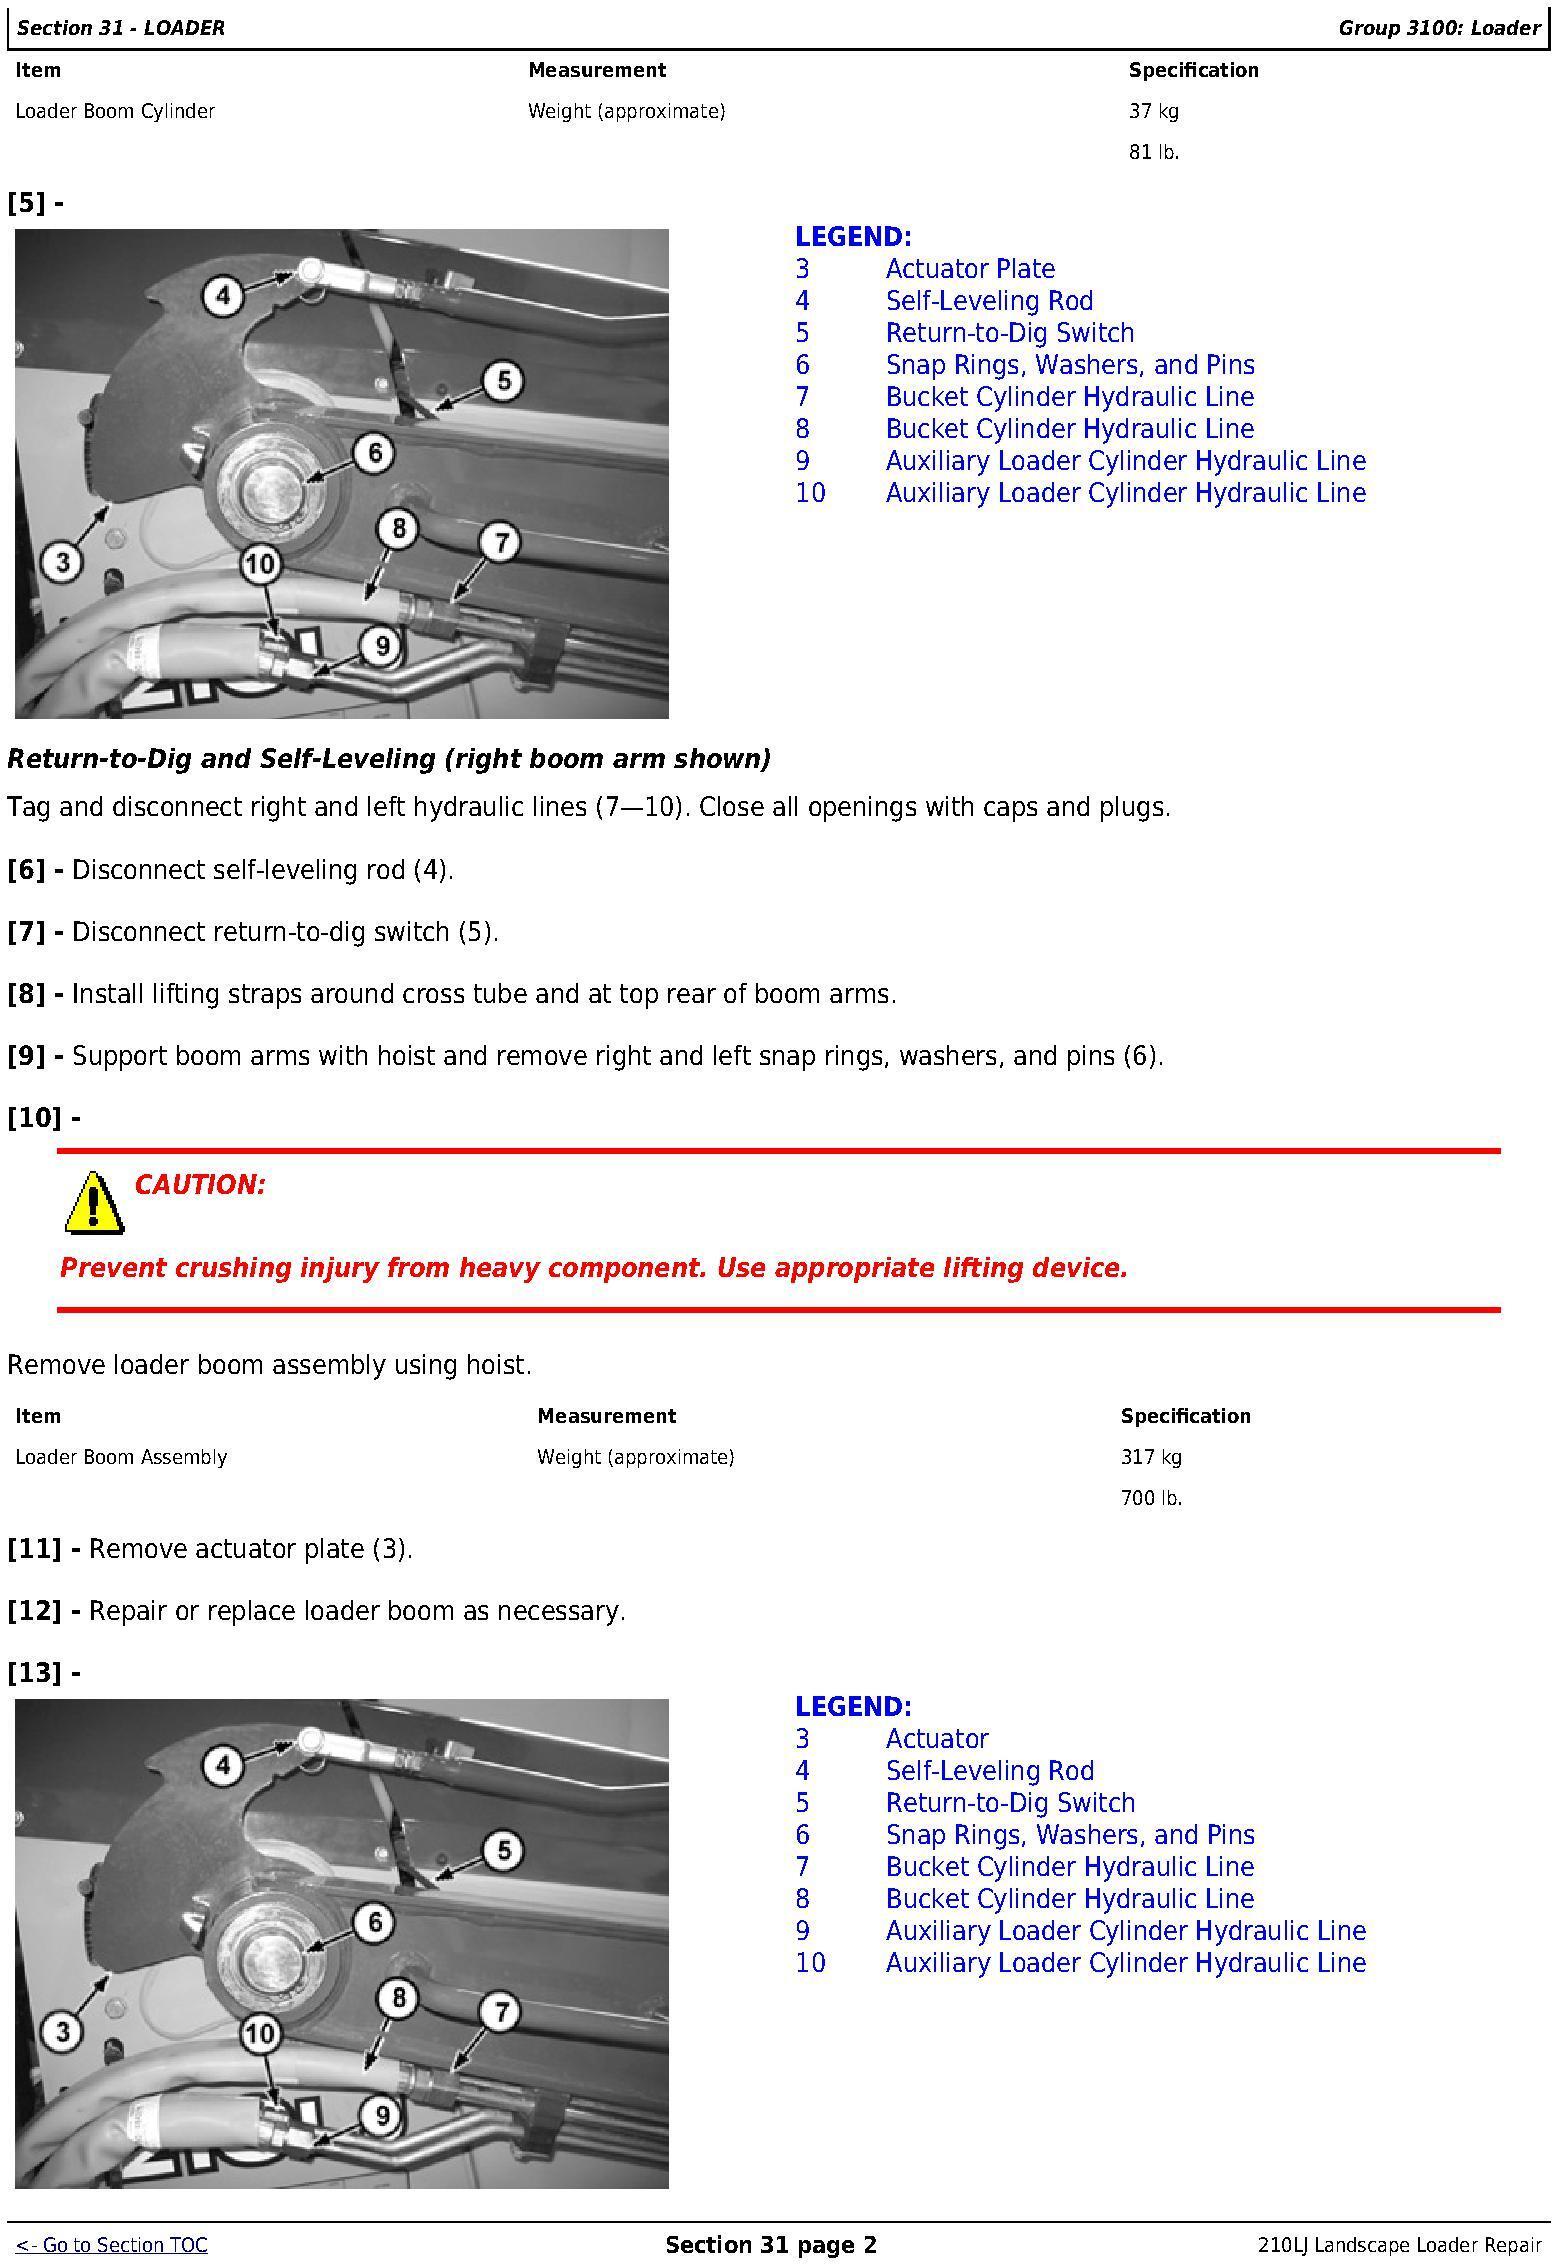 TM10731 - JD John Deere 210LJ Landscape Loader Repair Technical Manual - 3